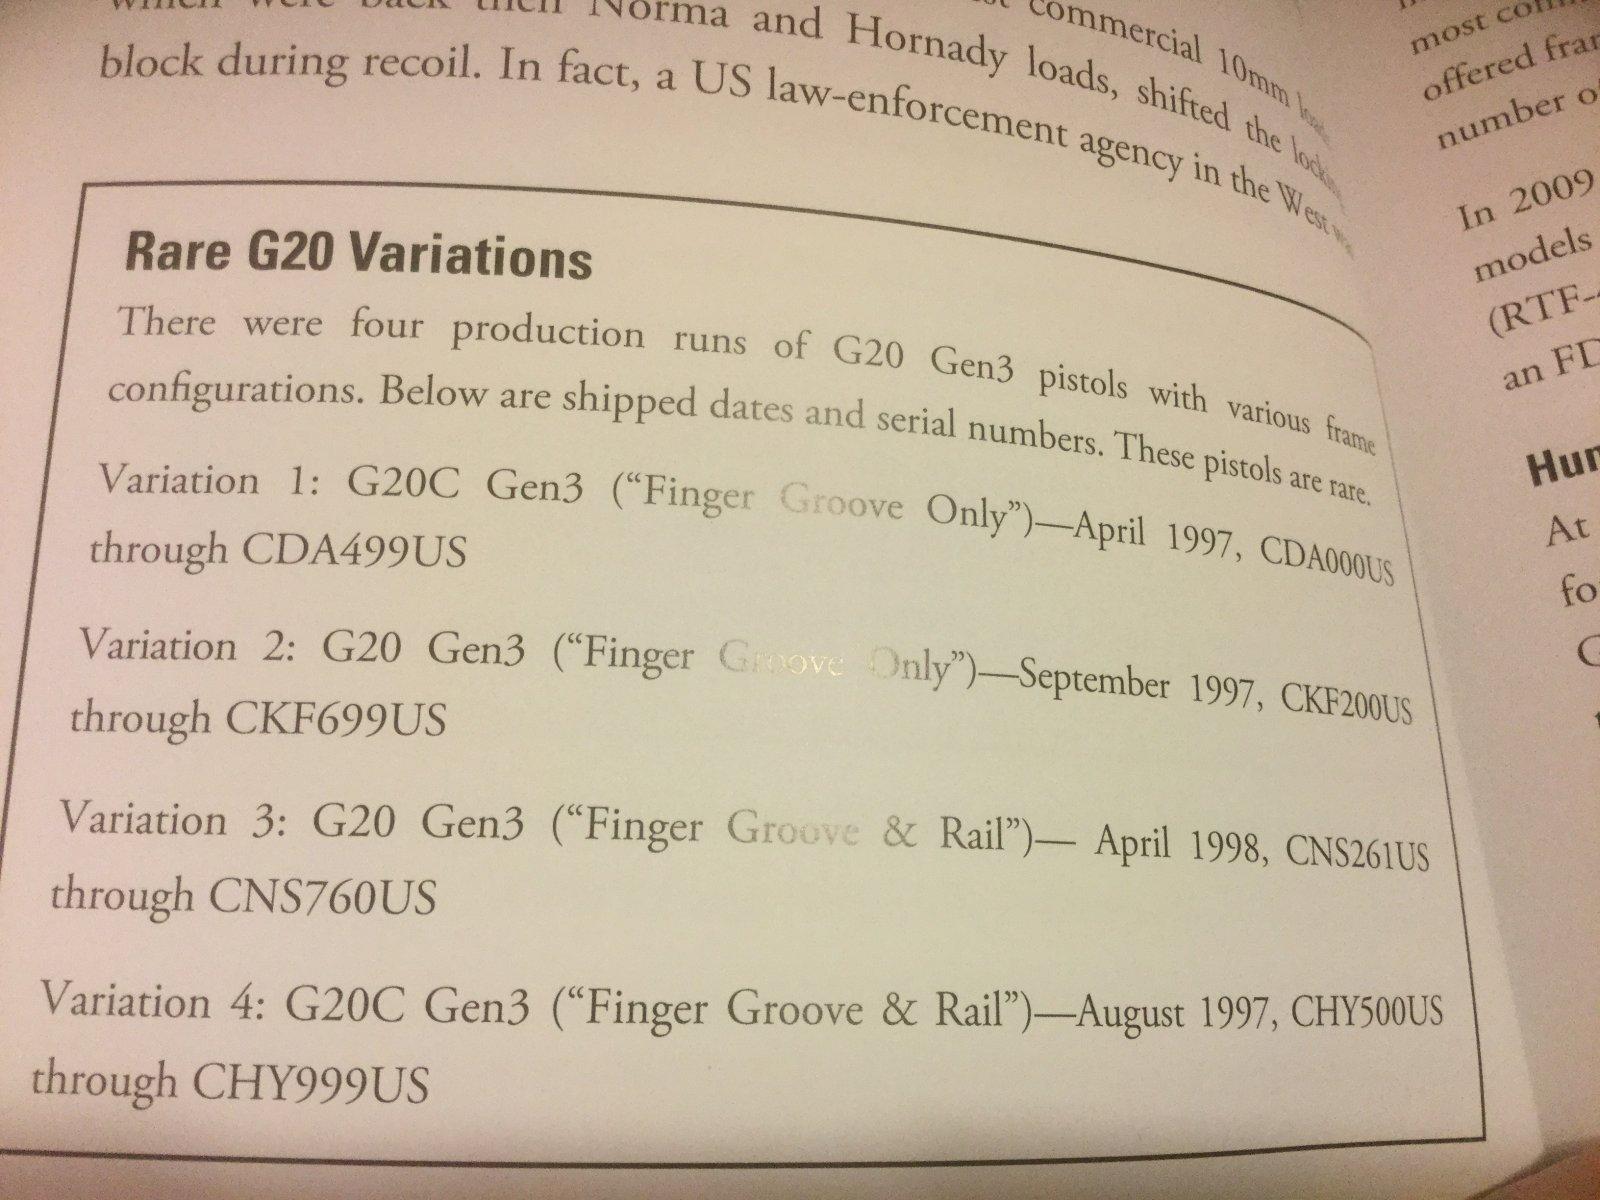 84672D9B-EDC2-4DAA-AE56-D2F0837C5E86.jpeg